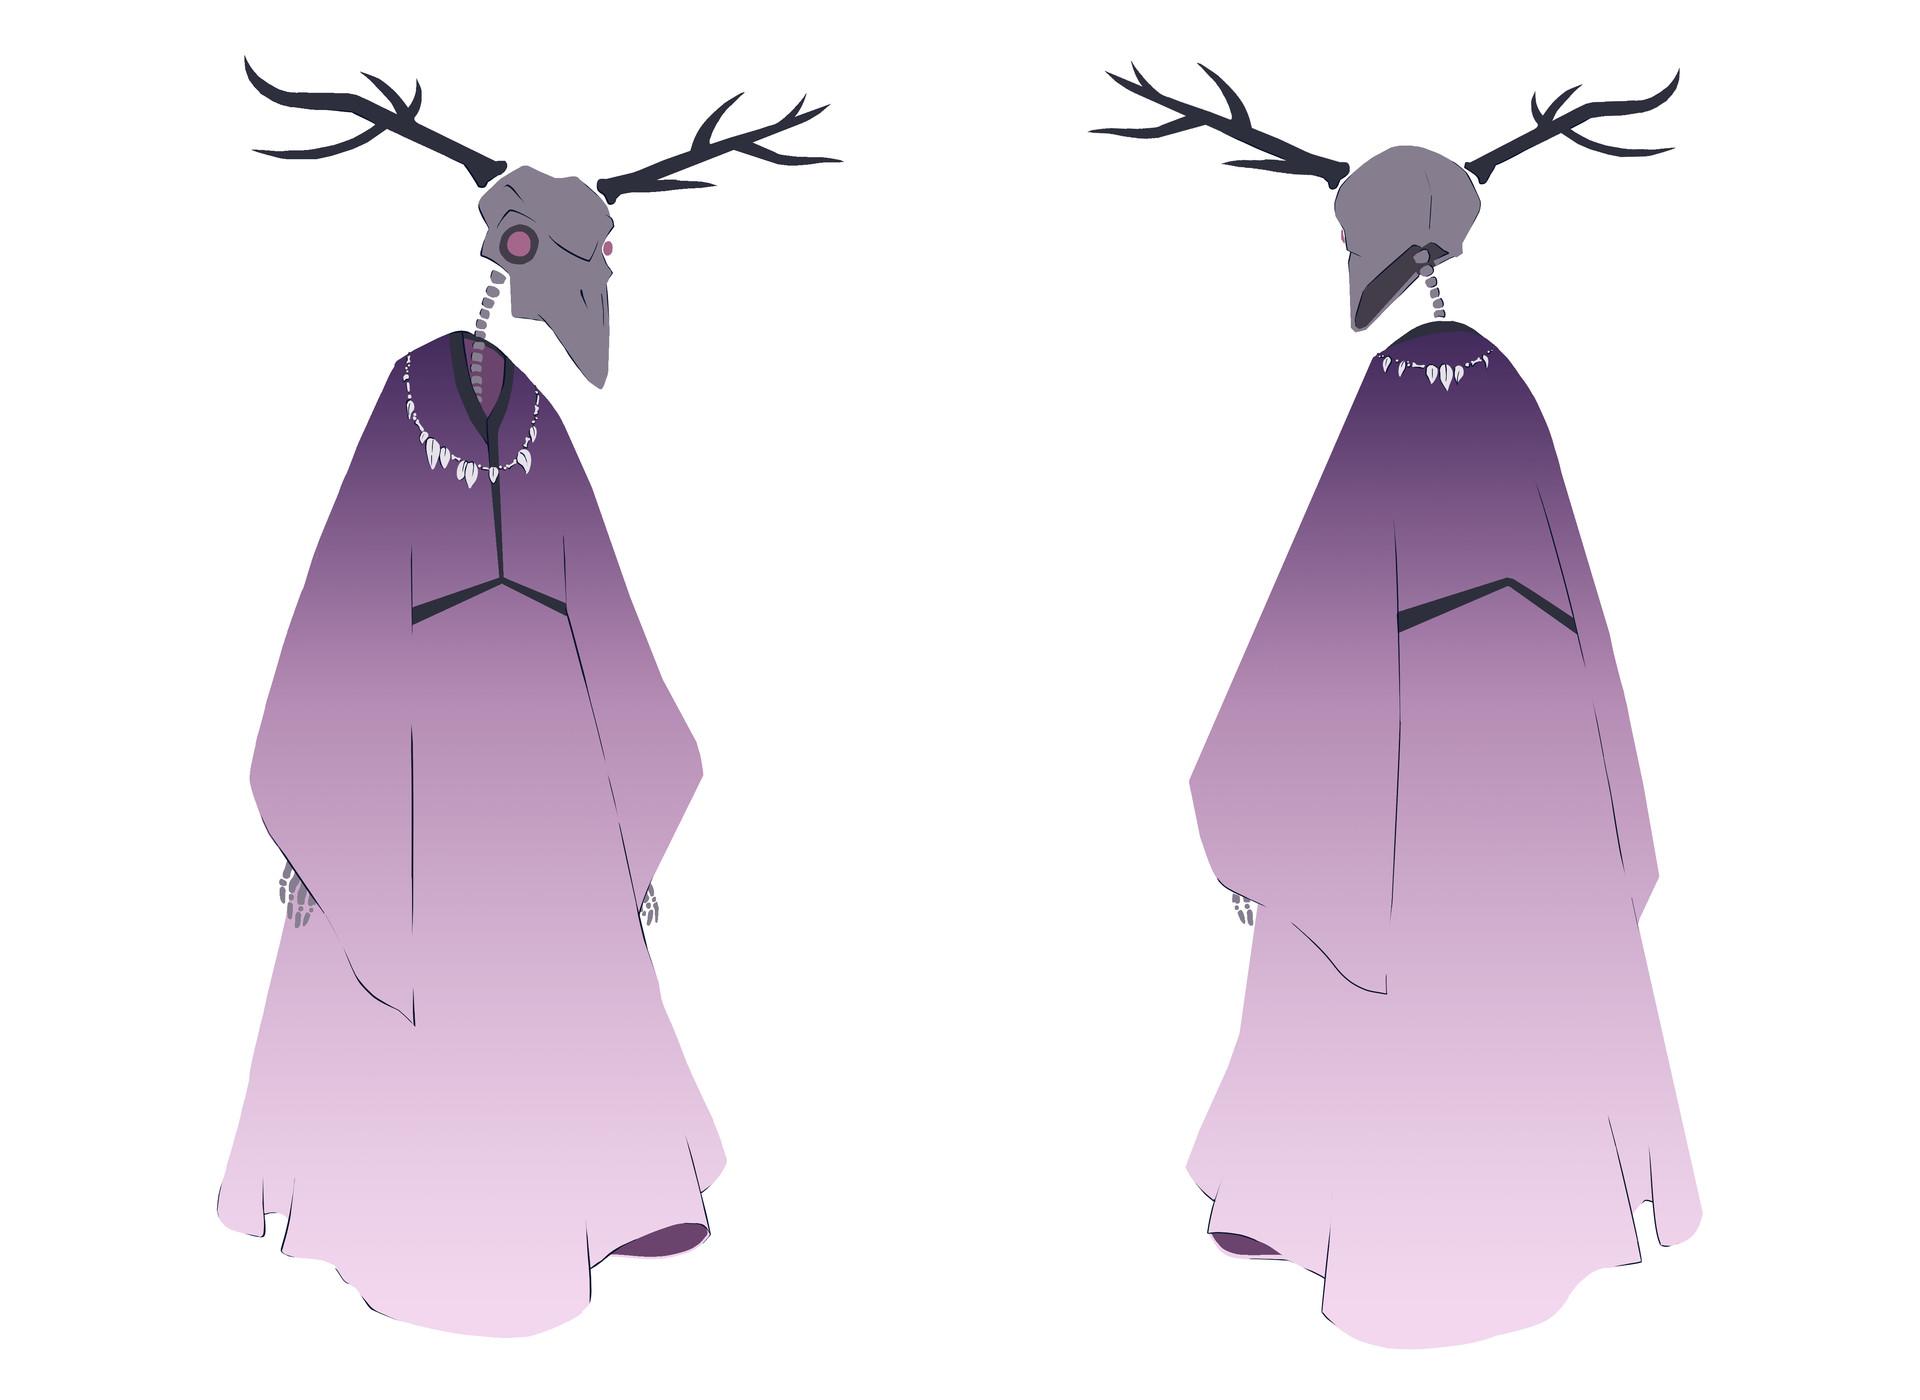 Etisha - Character turnaround (process)